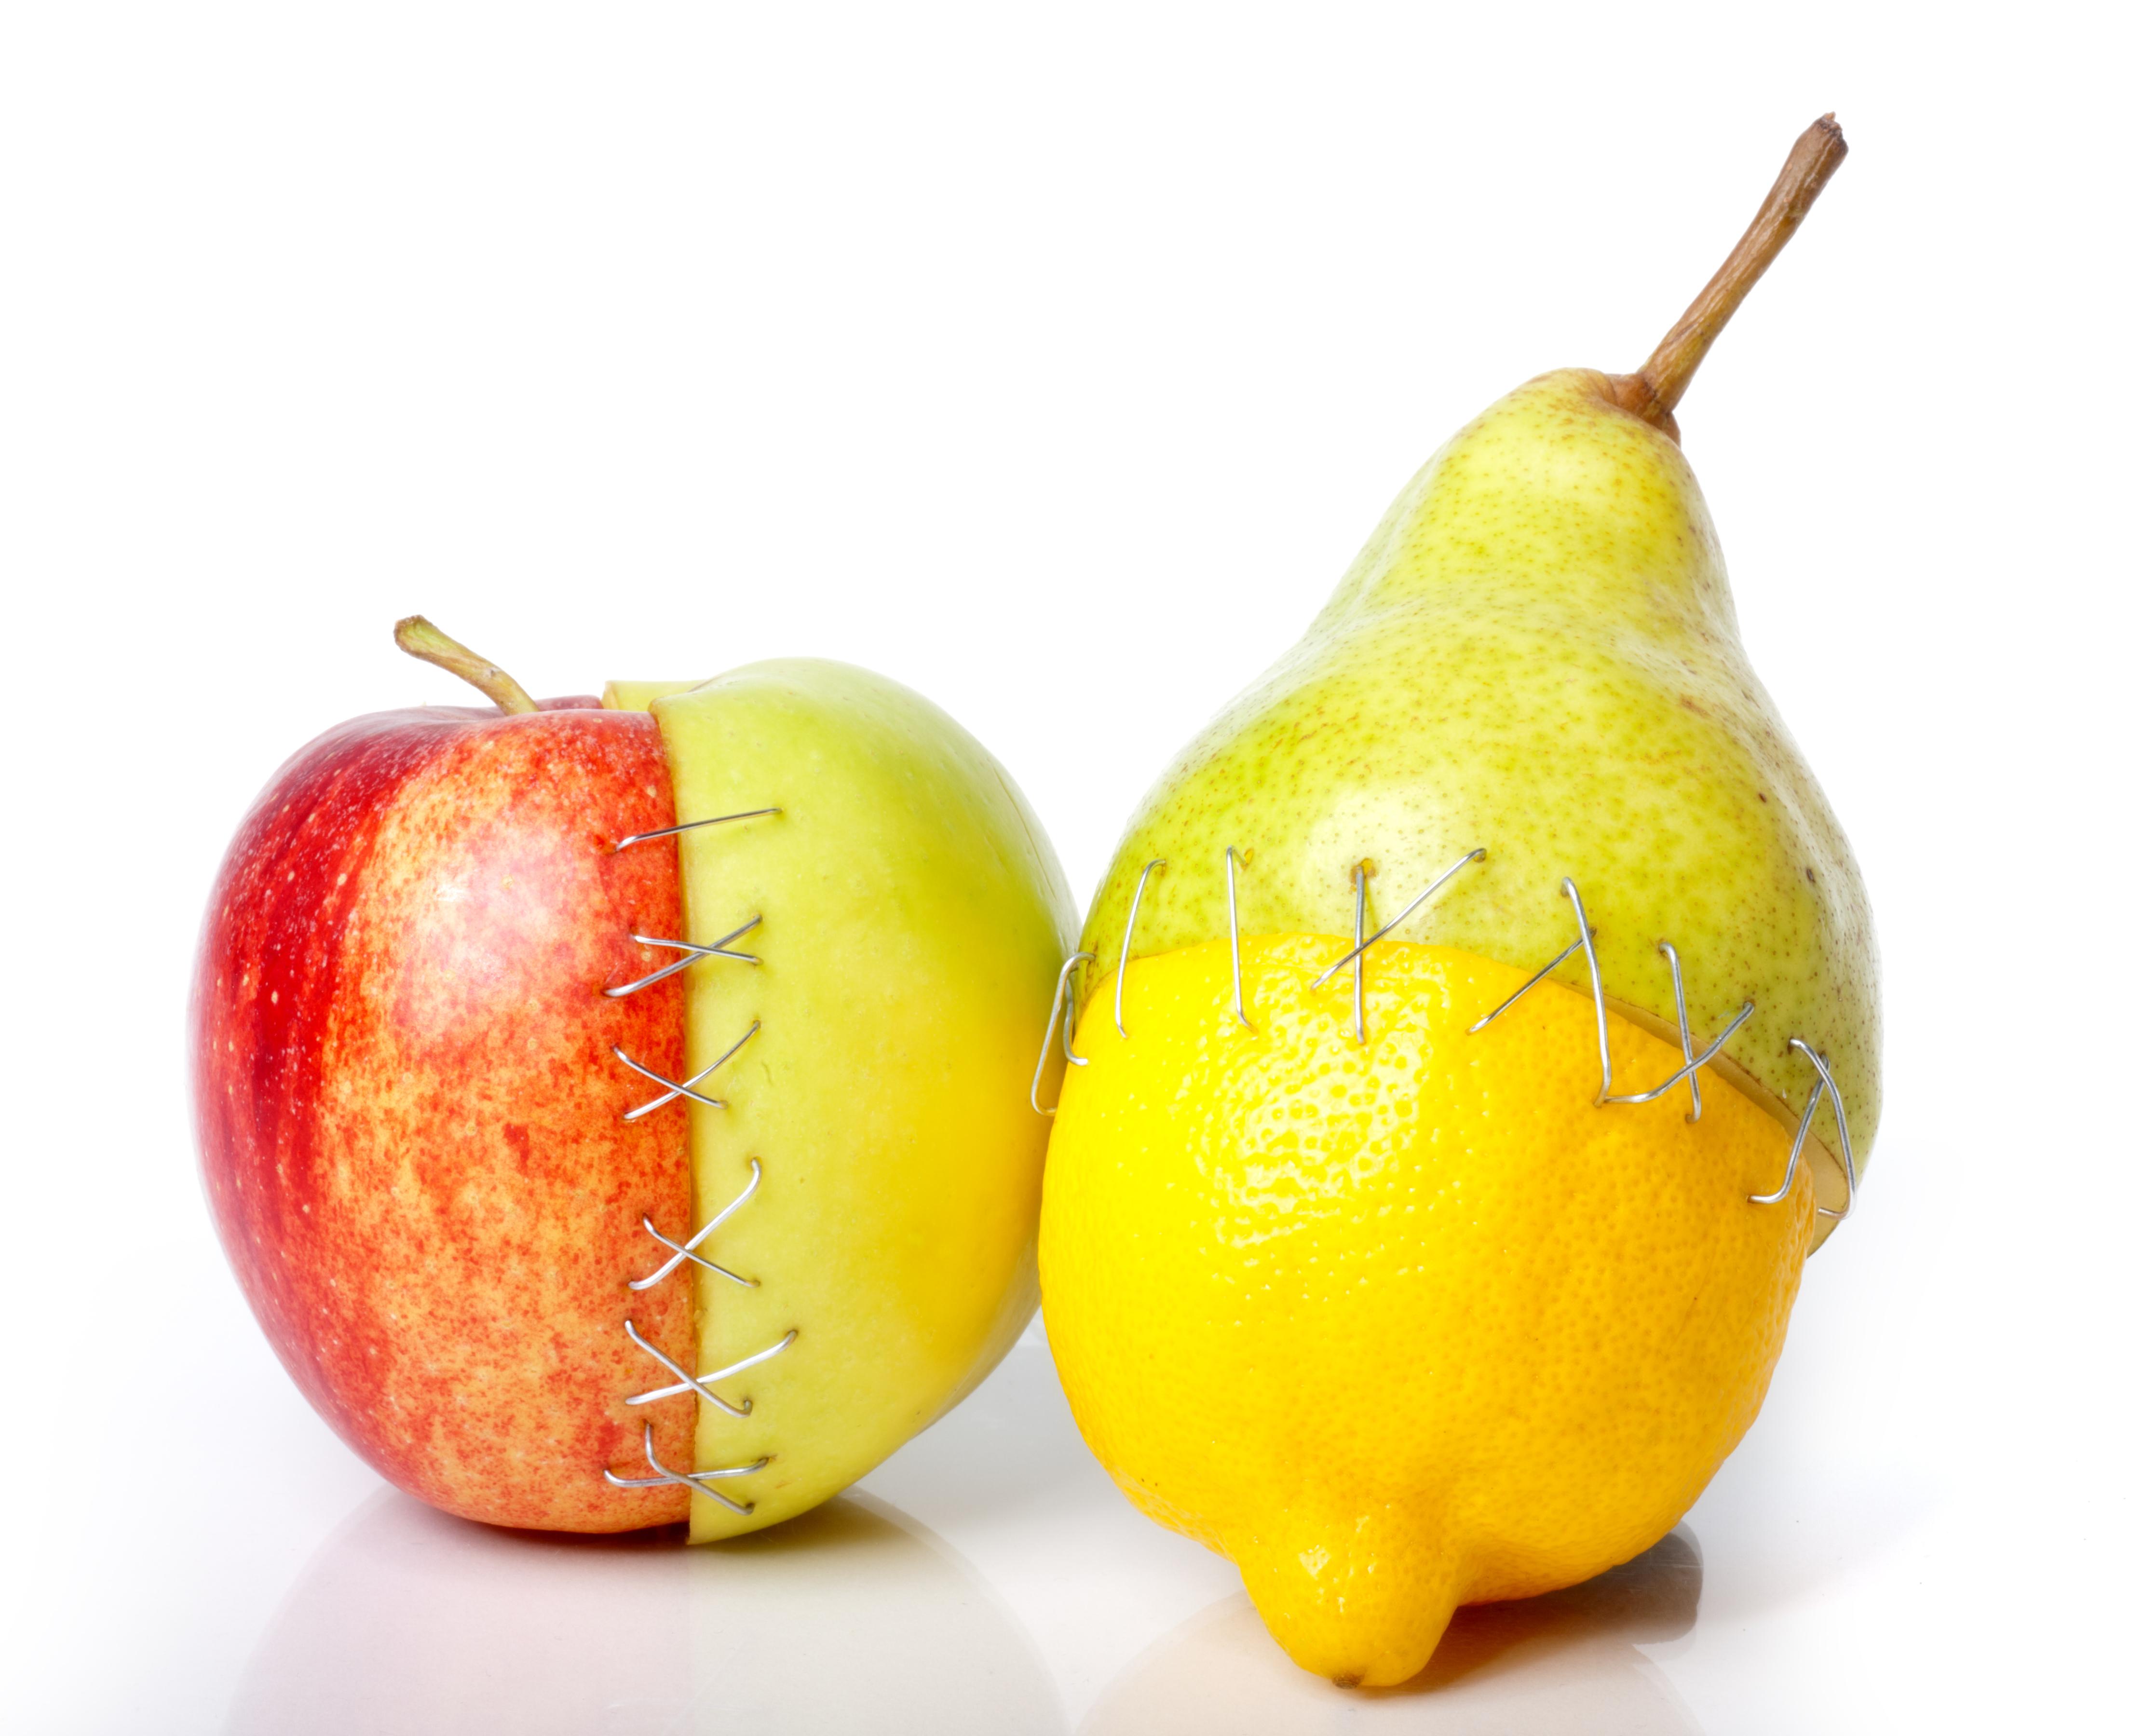 frankenstein-fruit-vegetable